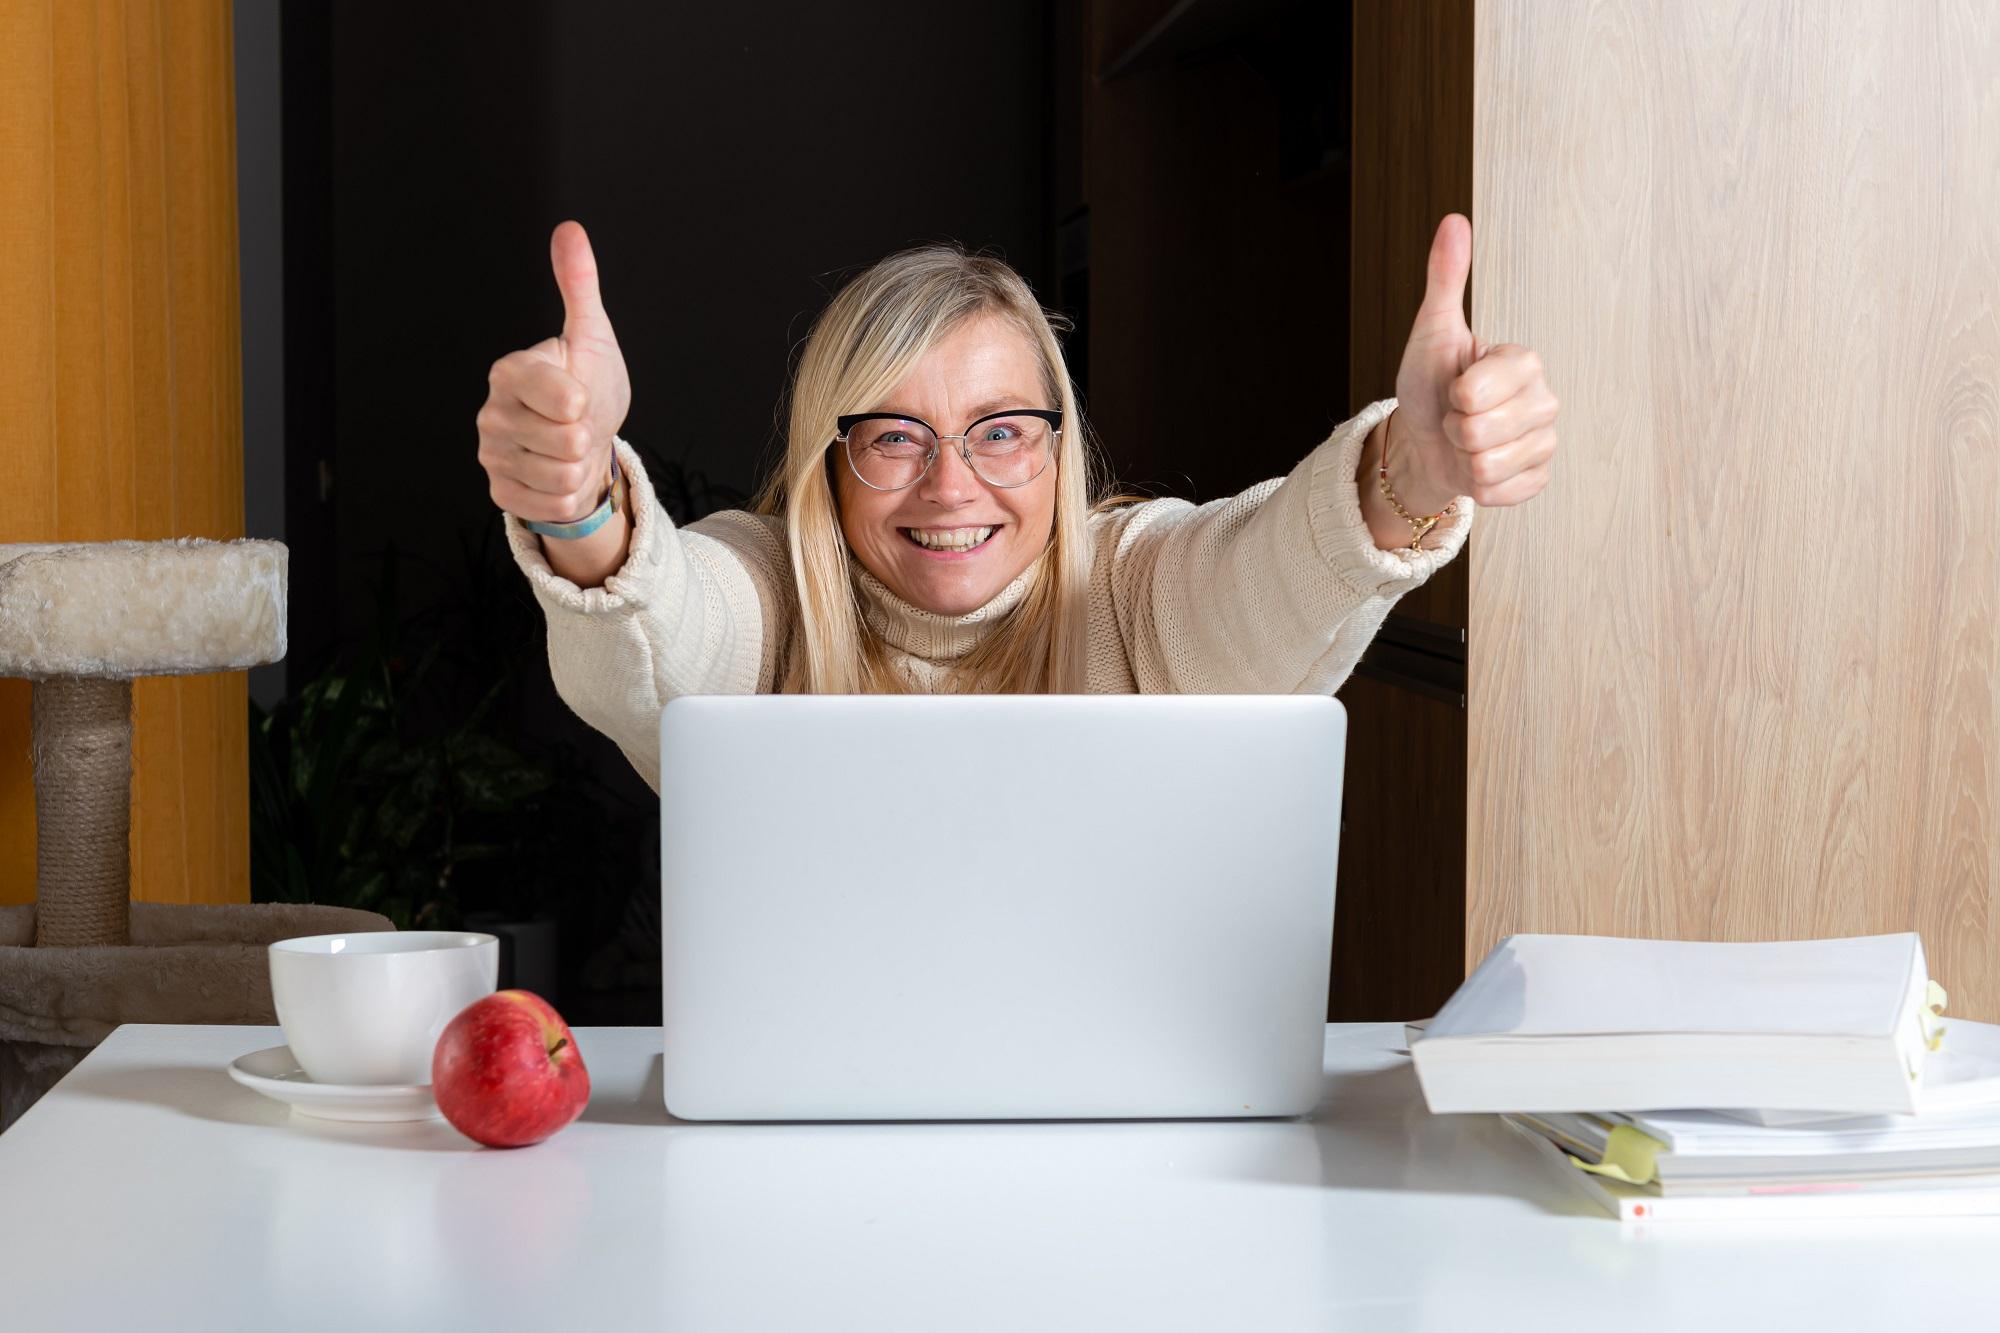 Como escolher o melhor freelancer entre todas as propostas recebidas?